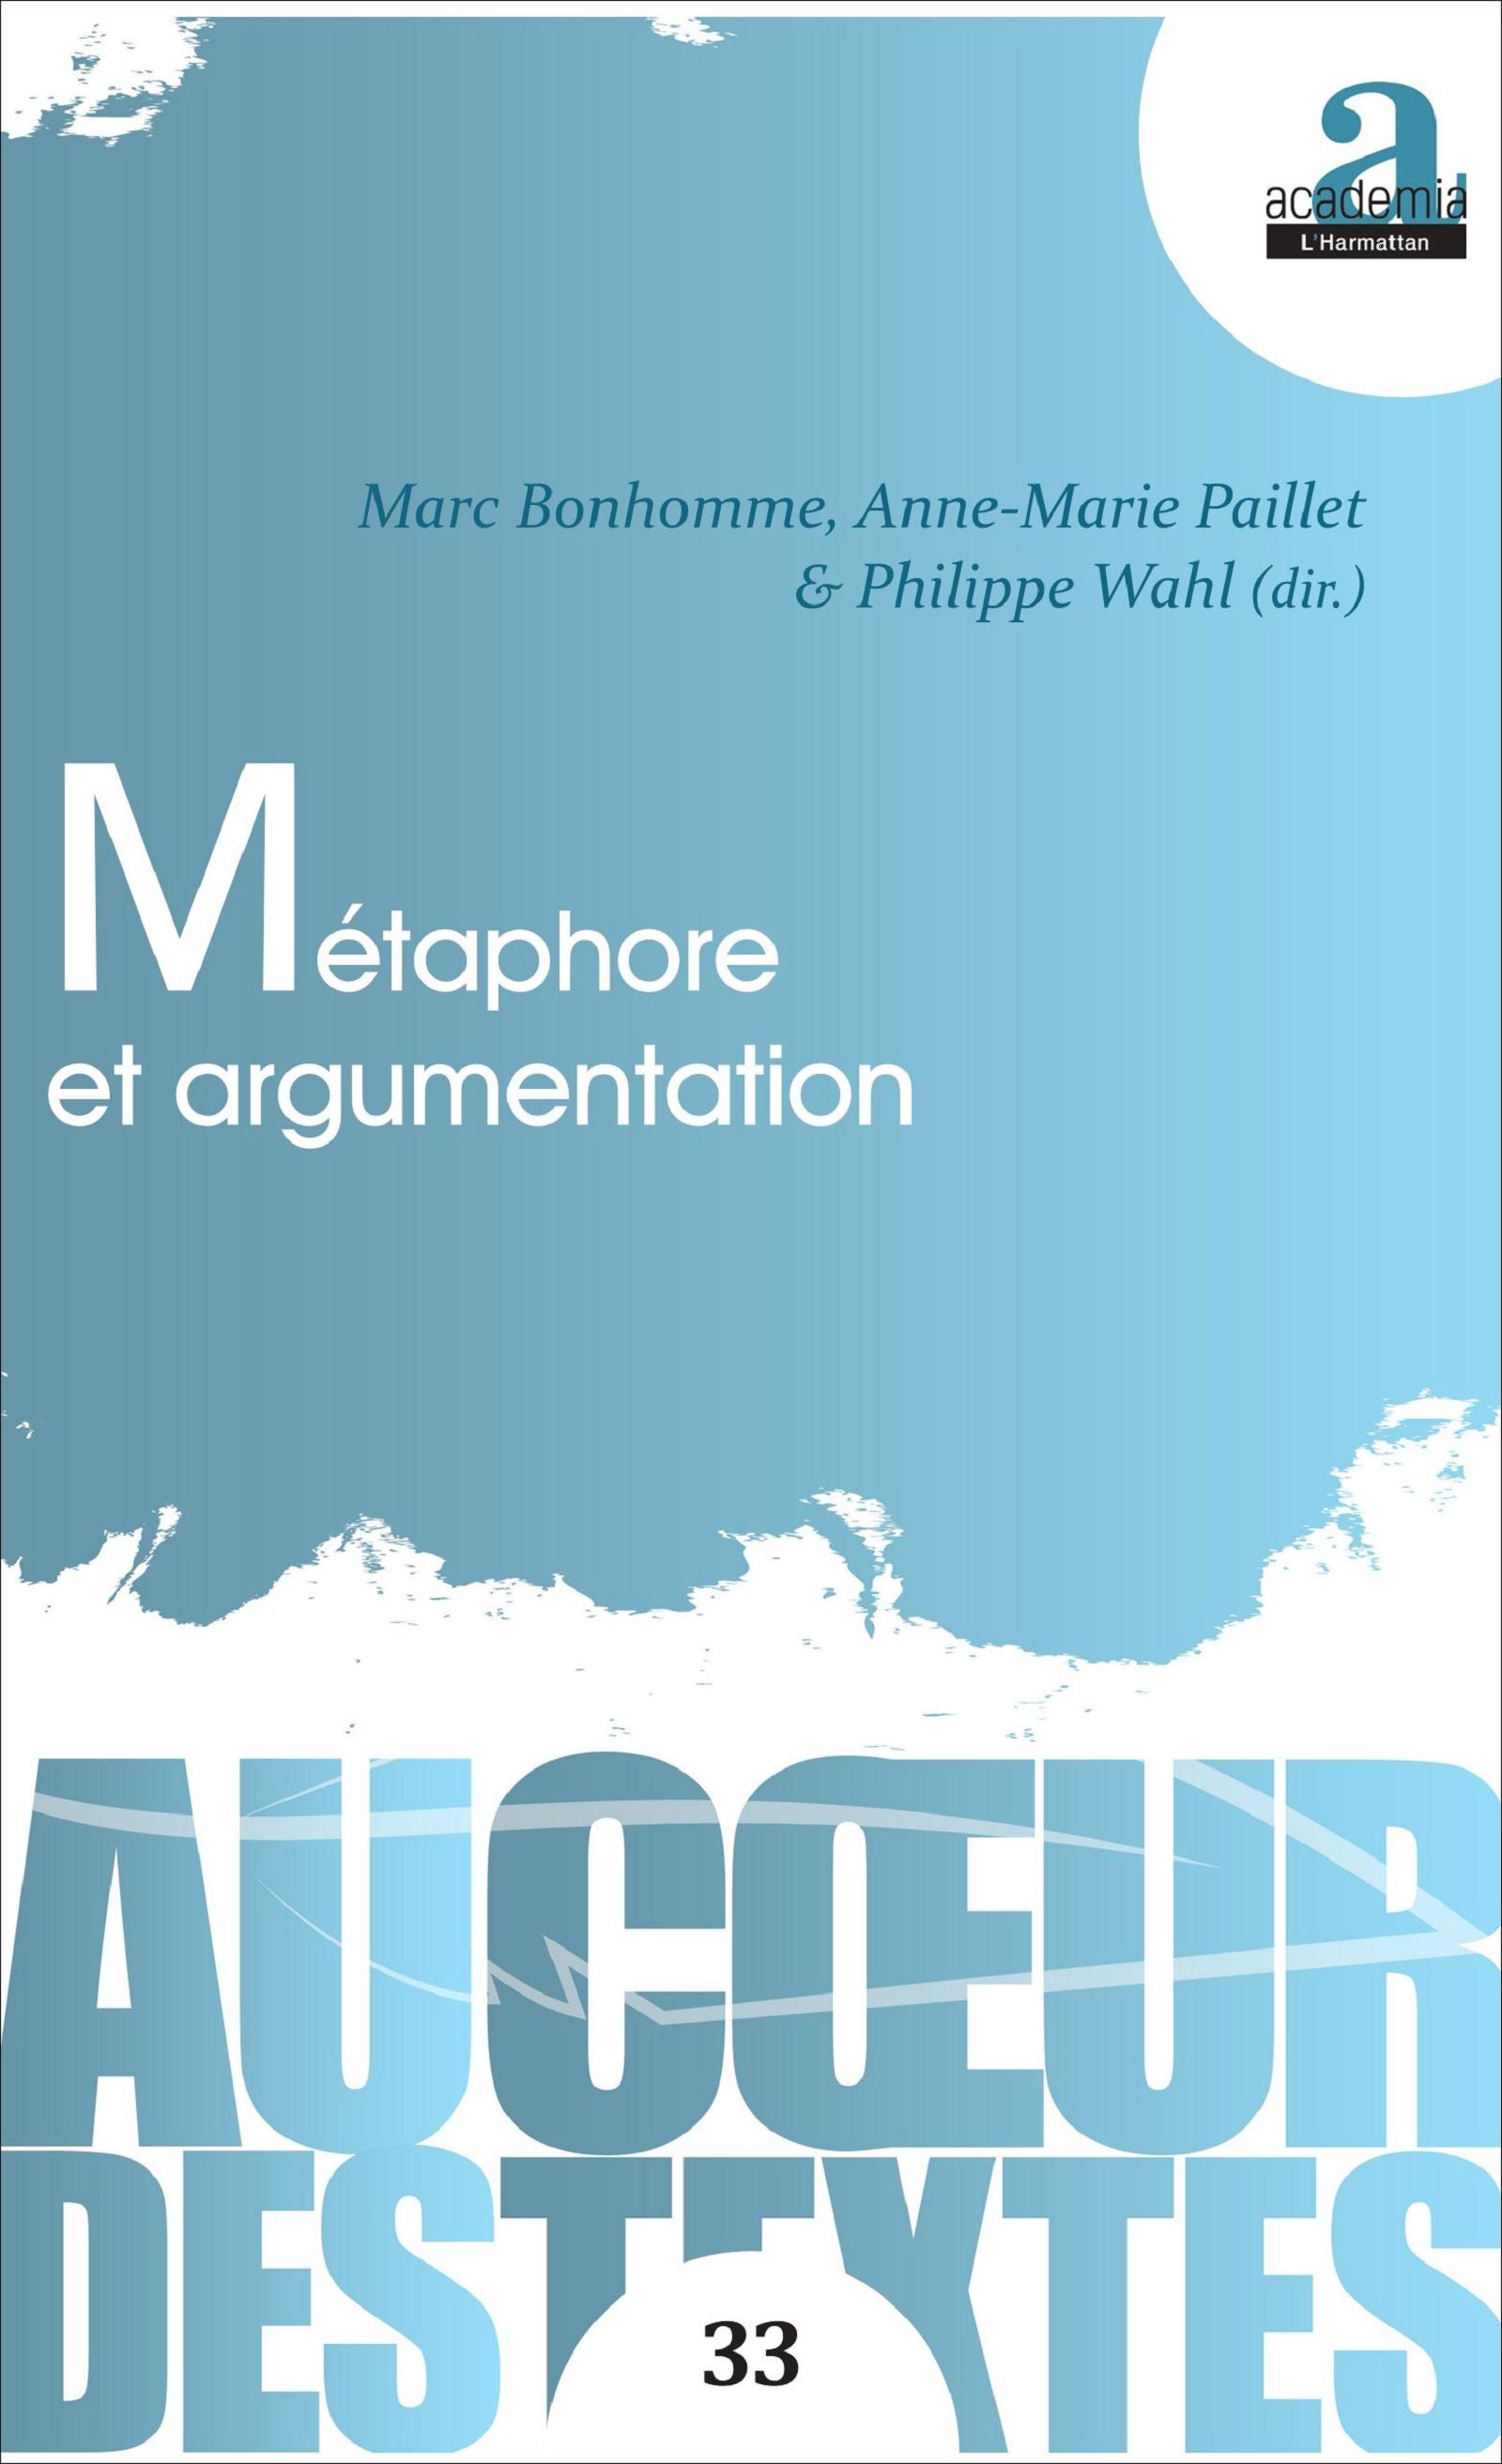 Ph. Wahl, M. Bonhomme, A.-M. Paillet, Métaphore et argumentation